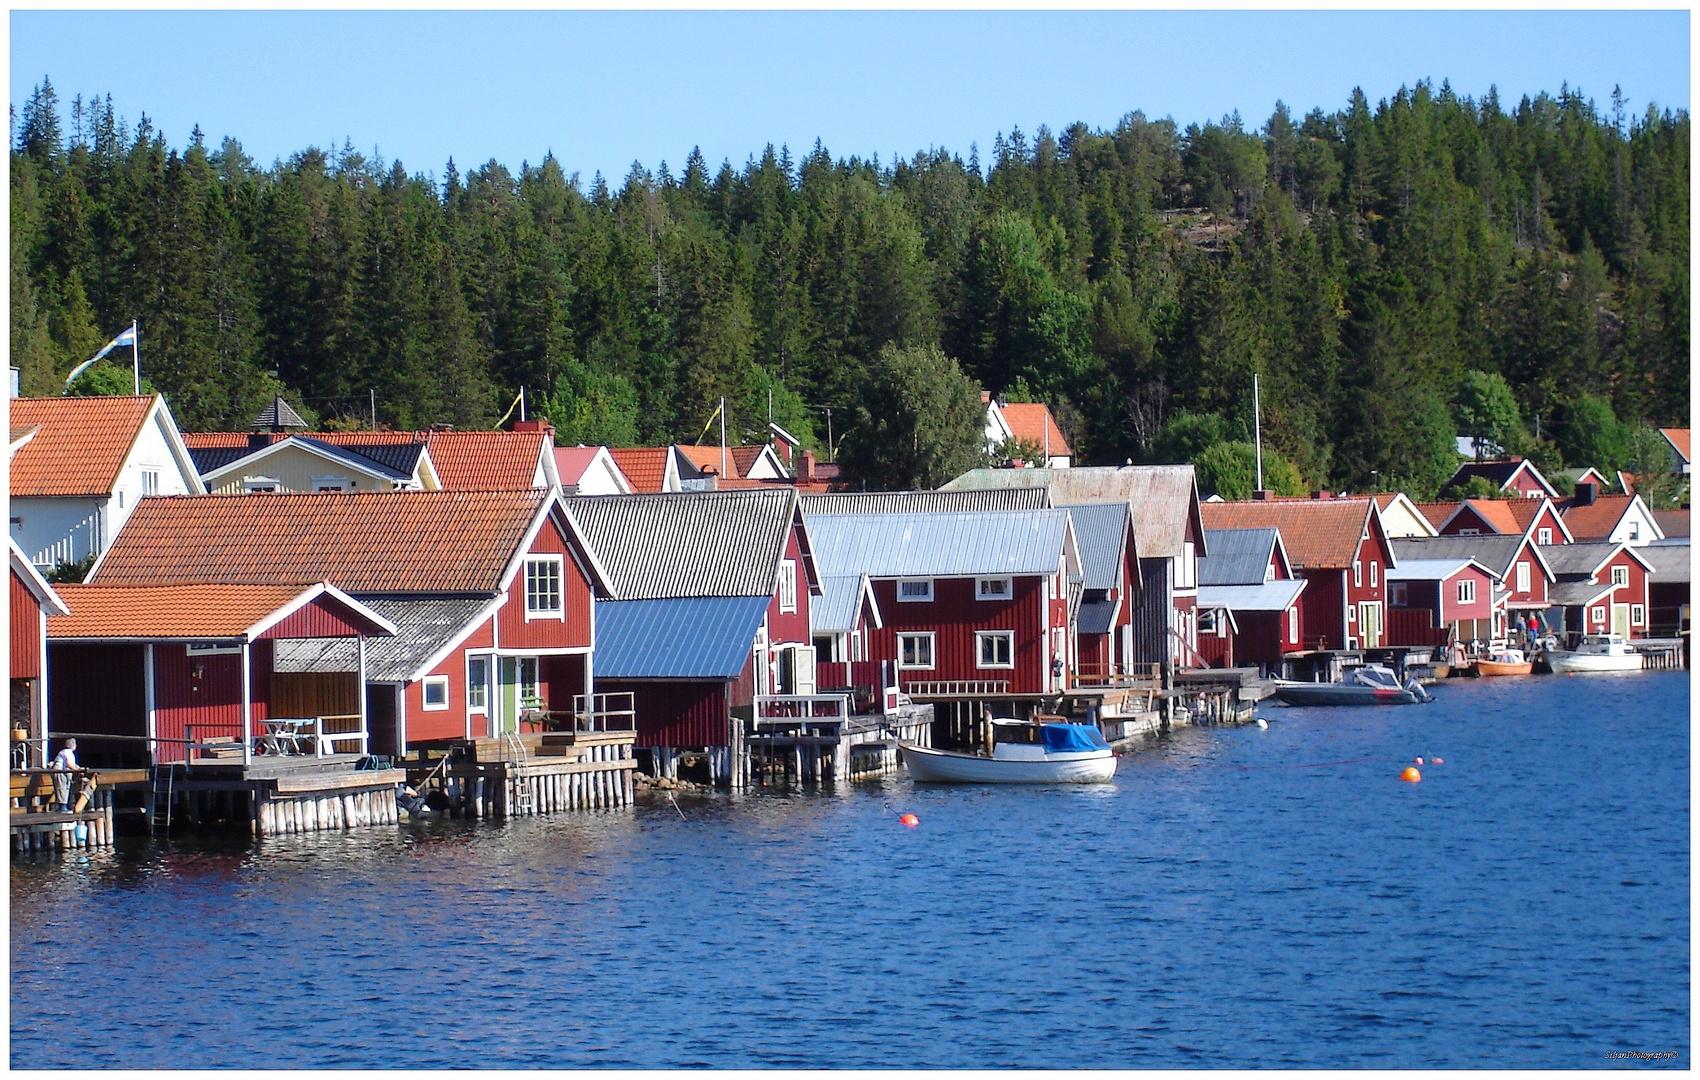 Ulvön - Heimat des Surströmming